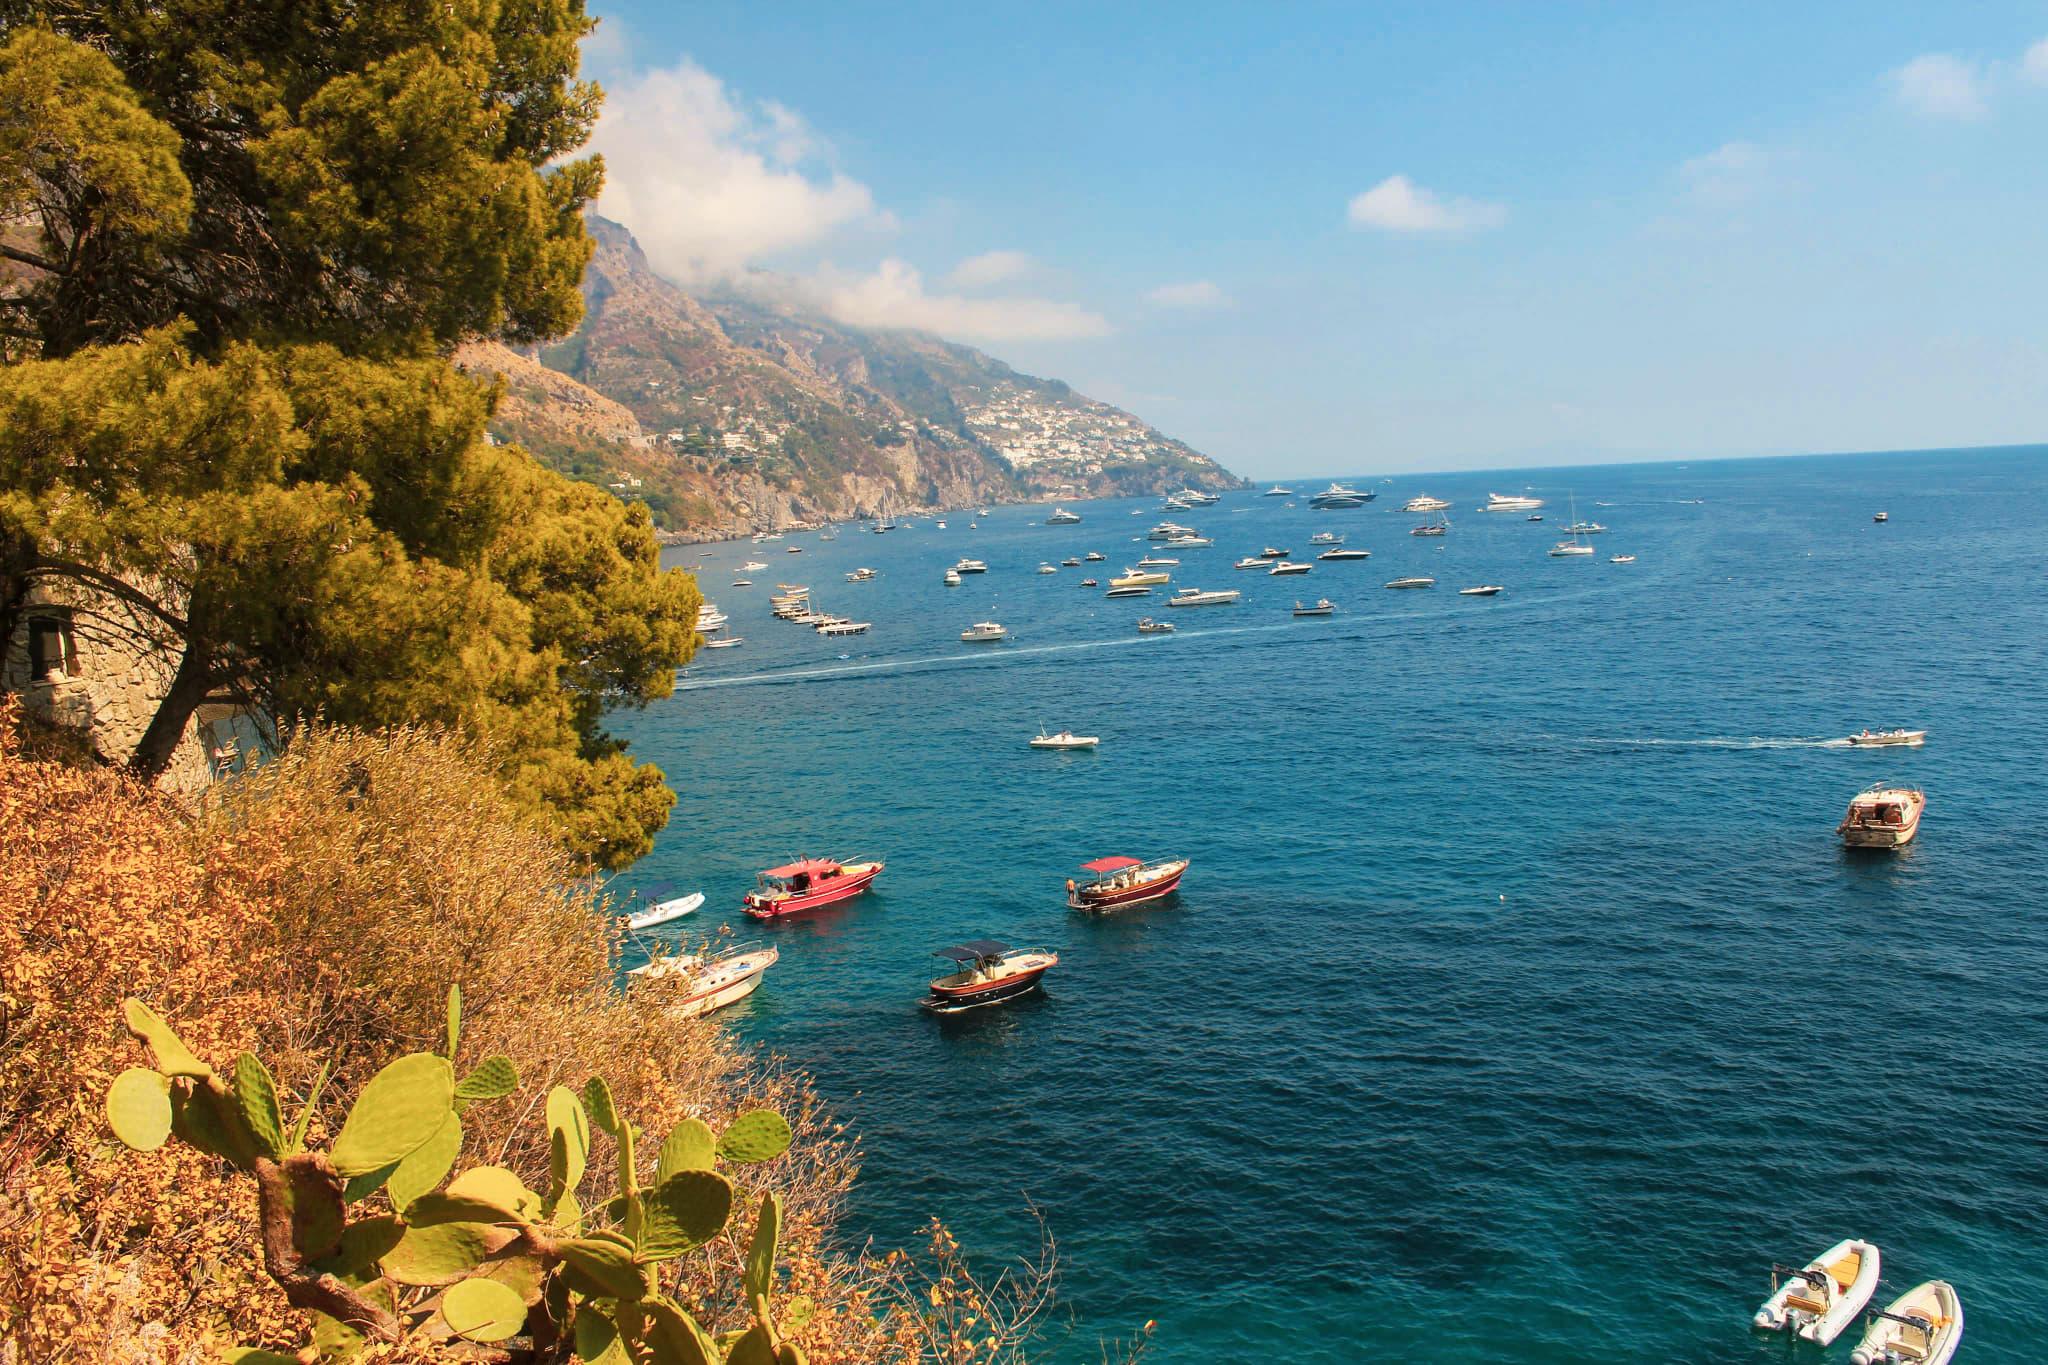 wakacje w positano amalfi coast zwiedzanie atrakcje